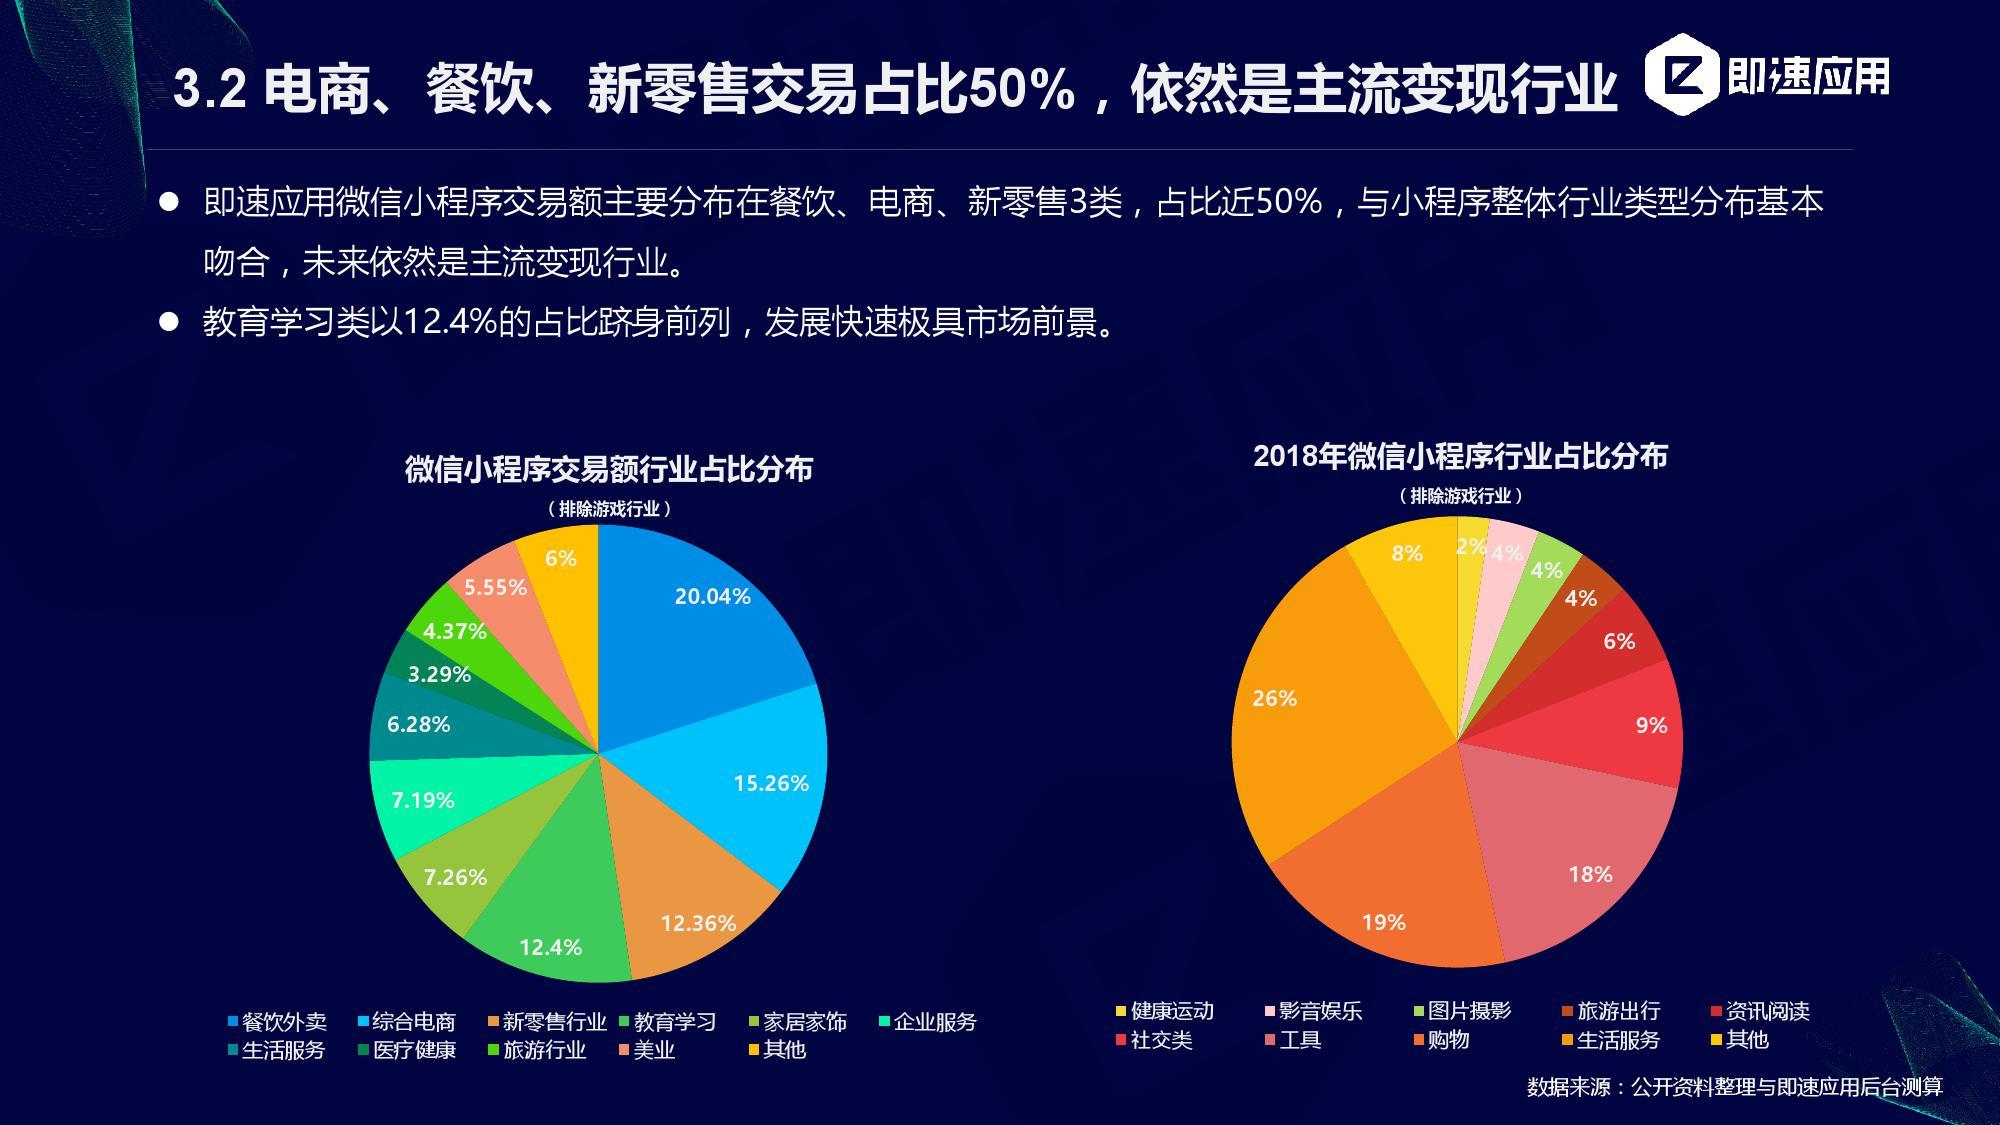 最新商业资讯_即速应用:2018-2019年小程序行业增长研究报告(附下载) | 互联 ...